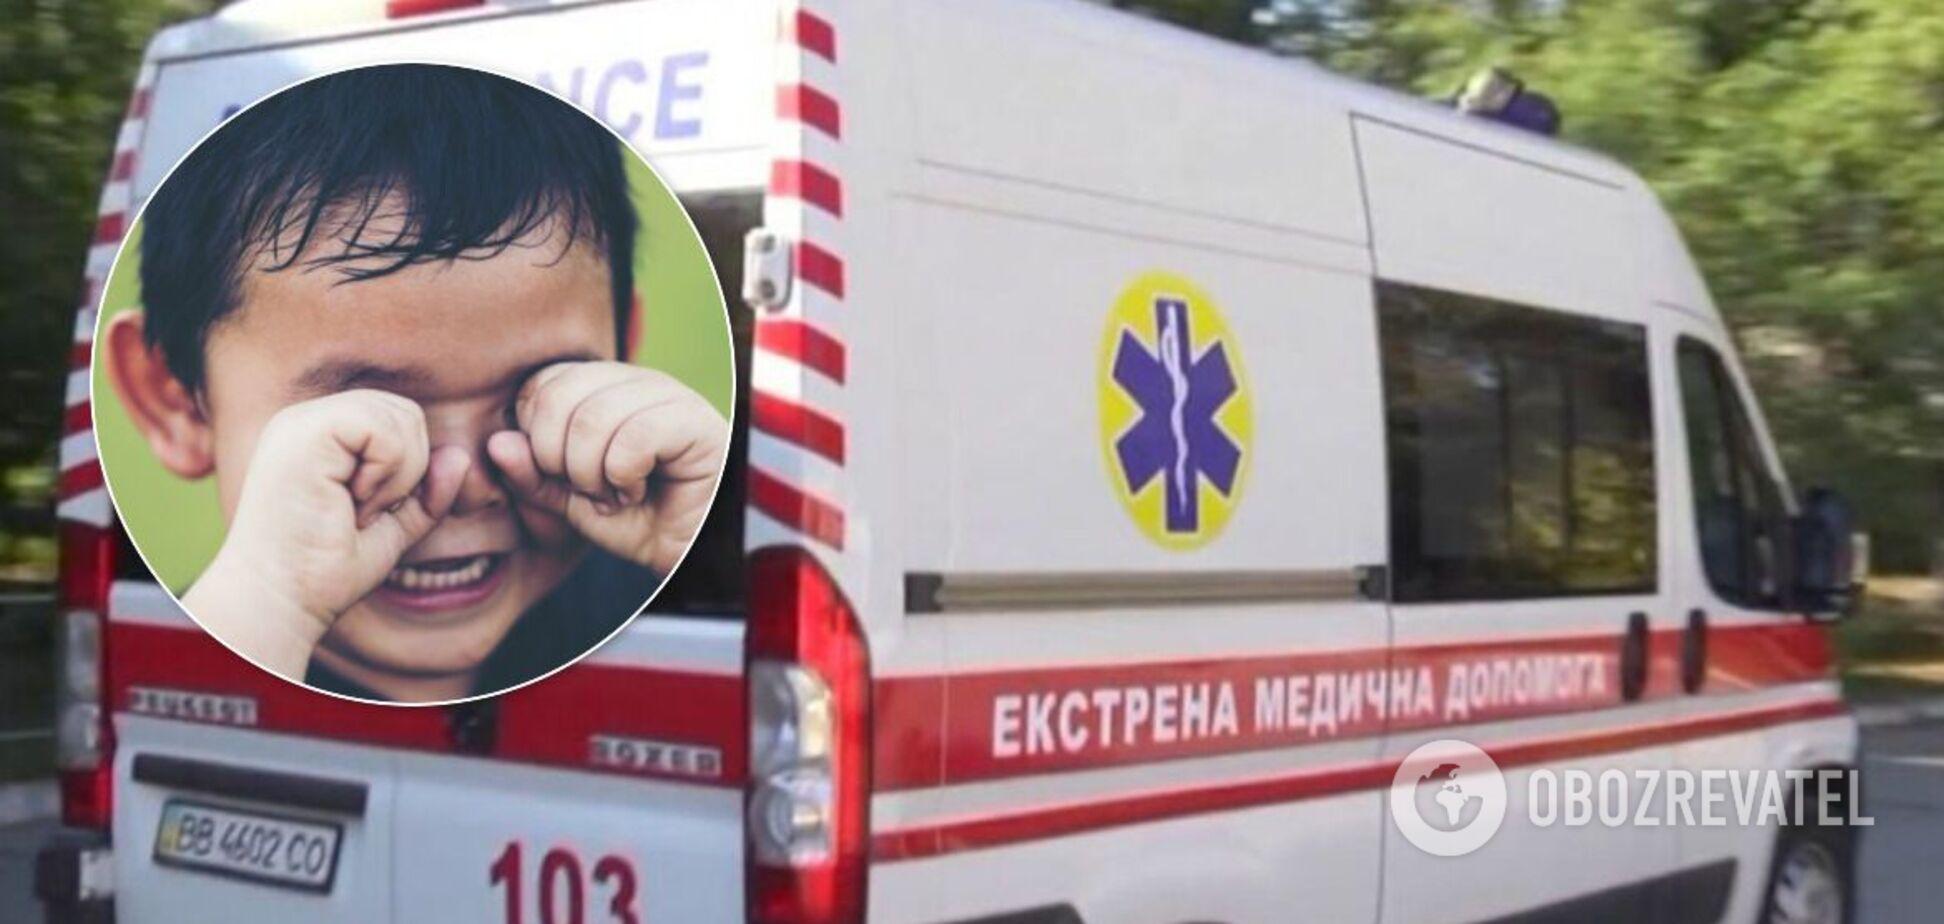 В Запорожье на карьере пострадали дети: срочно увезла скорая